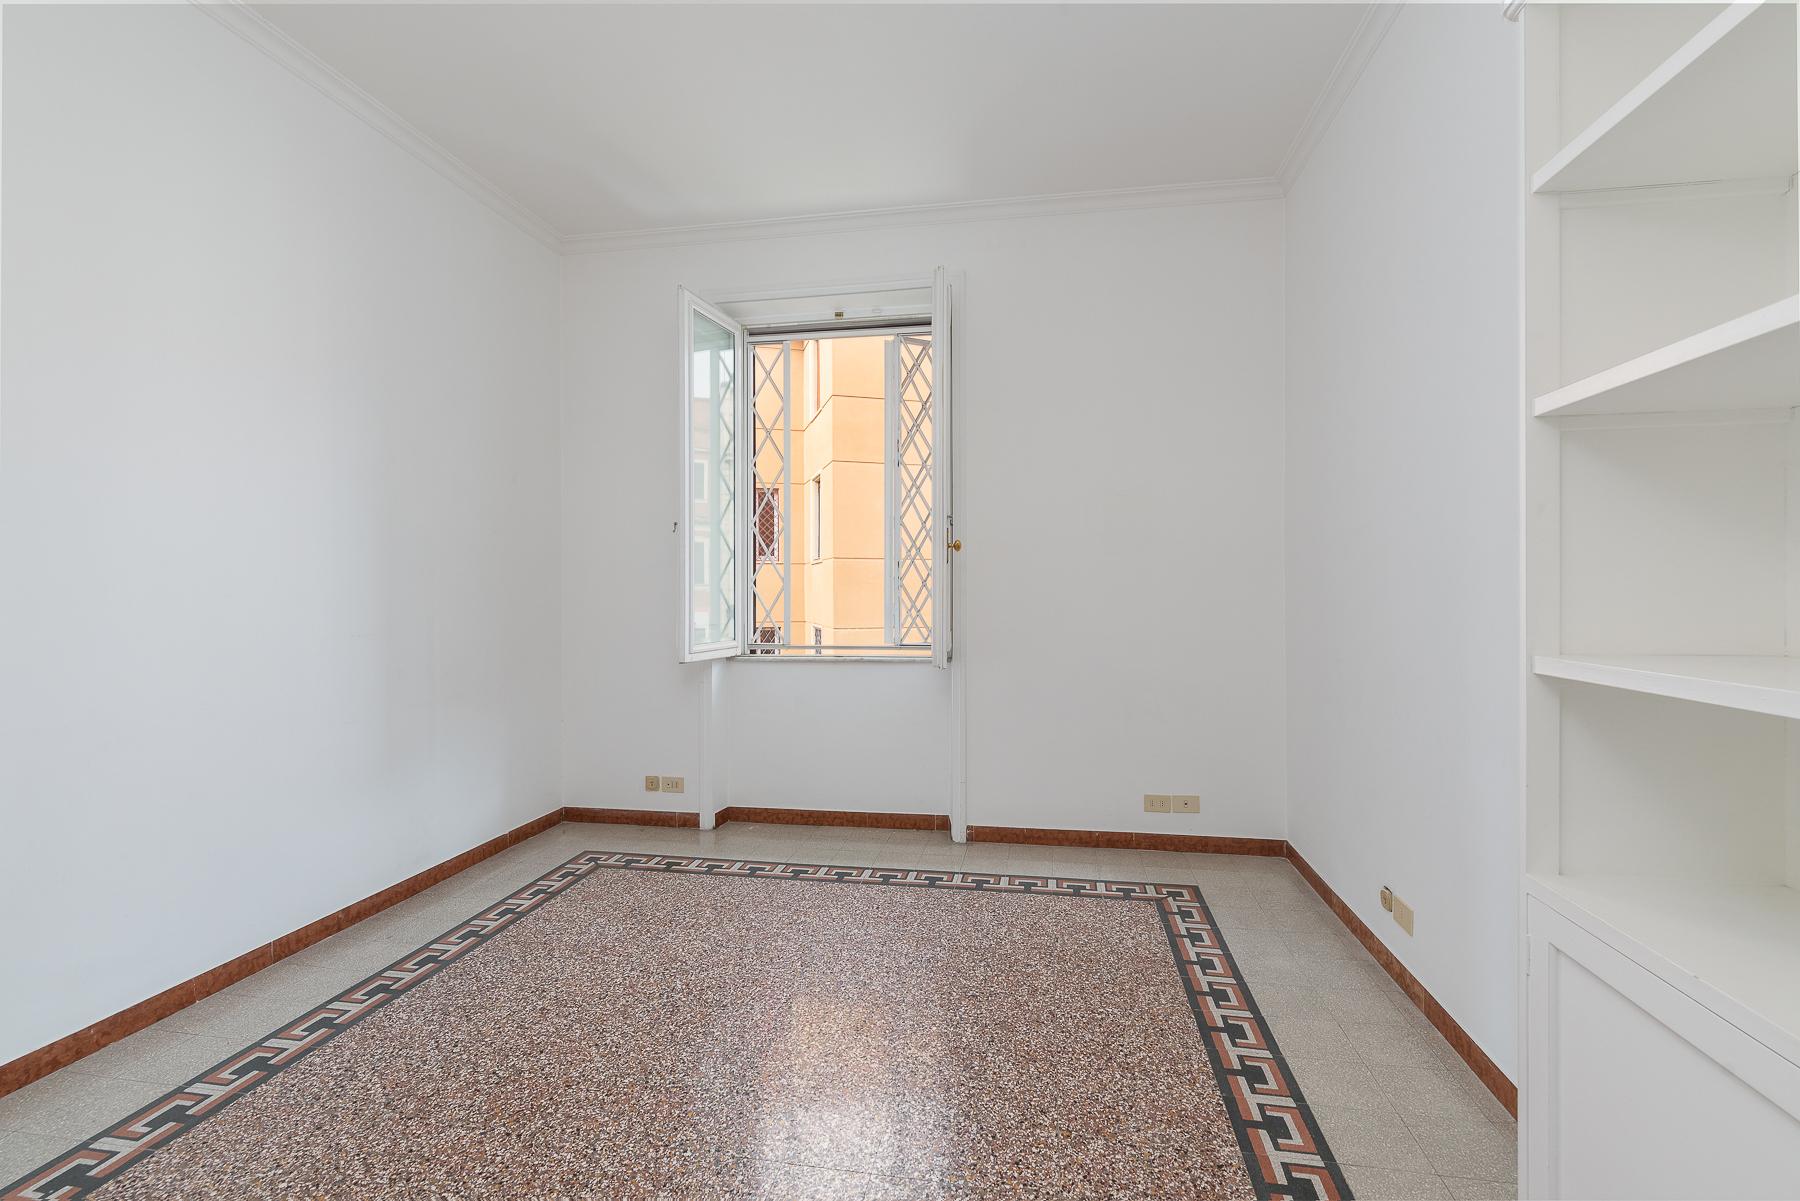 Appartamento in Vendita a Roma: 5 locali, 126 mq - Foto 14